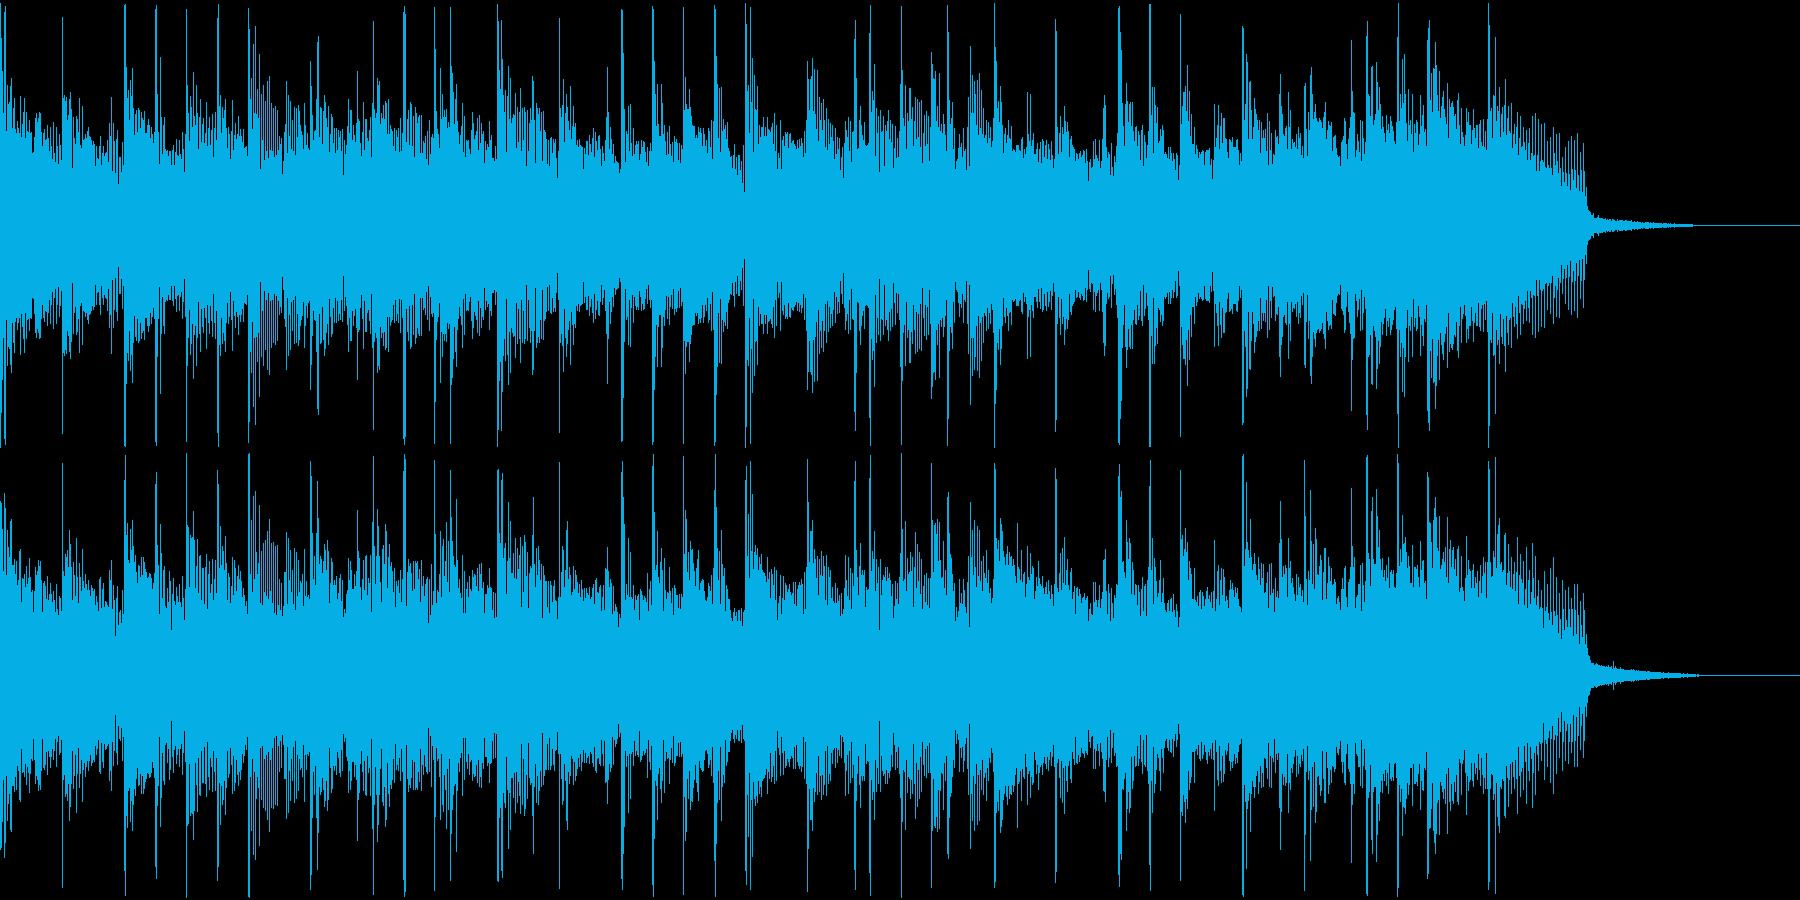 爽やかなバンド風BGMの再生済みの波形